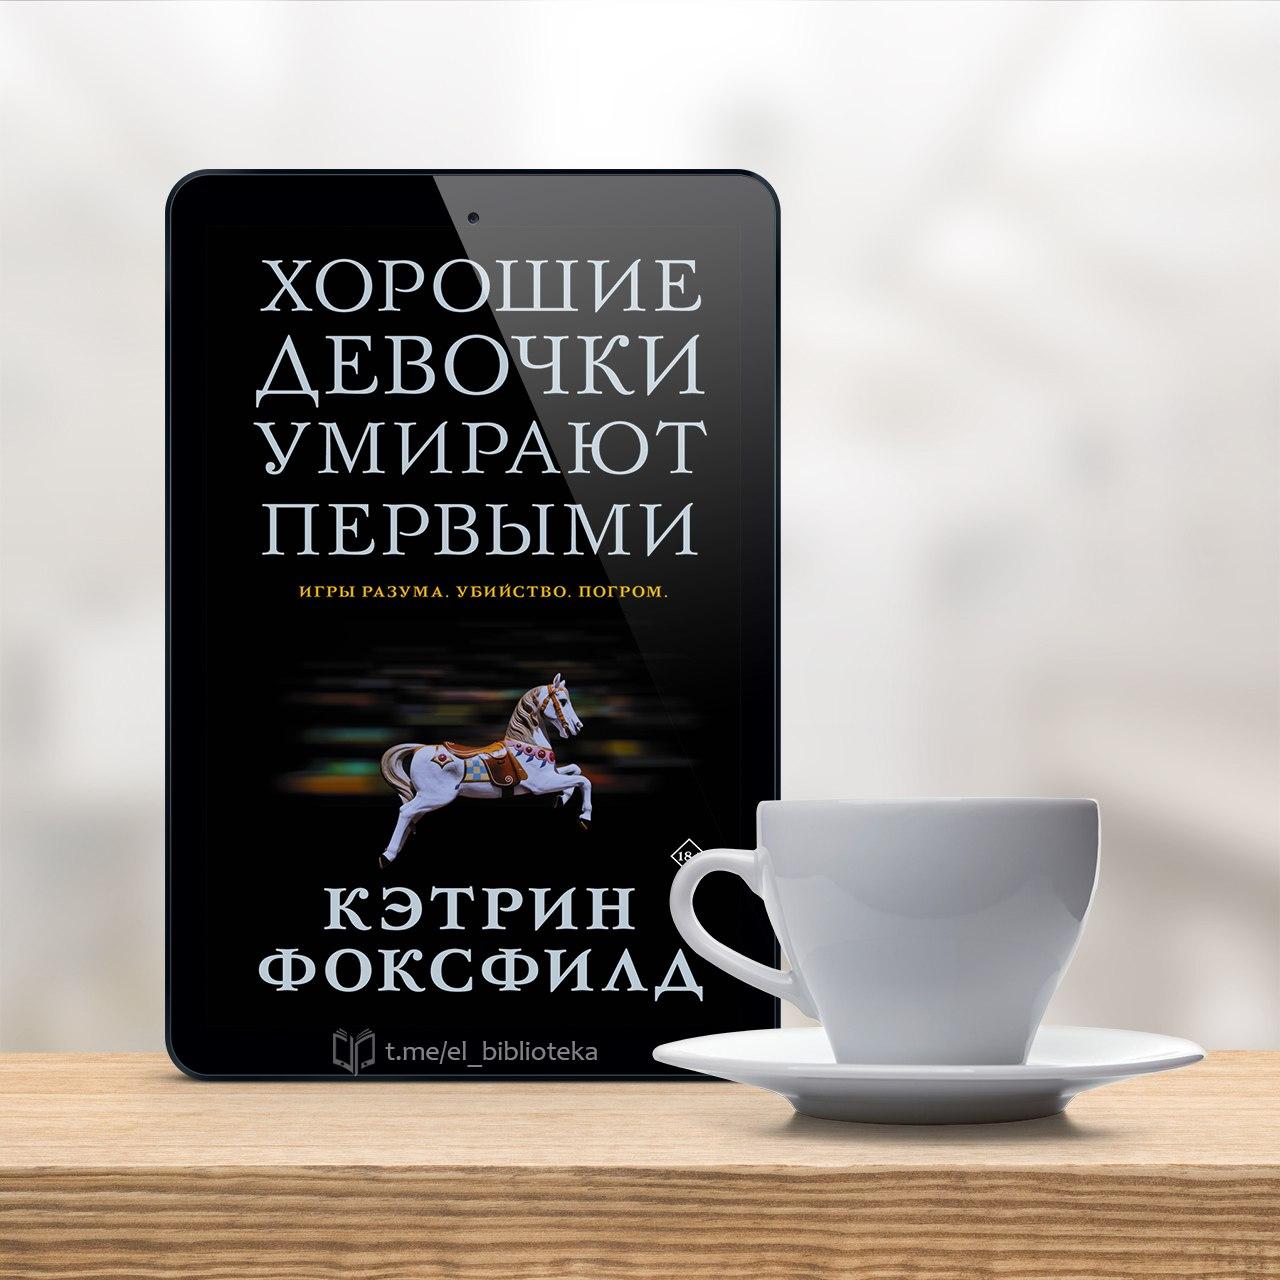  Хорошие девочки умирают первыми  Автор:  Фоксфилд_Кэтрин  Год издания...